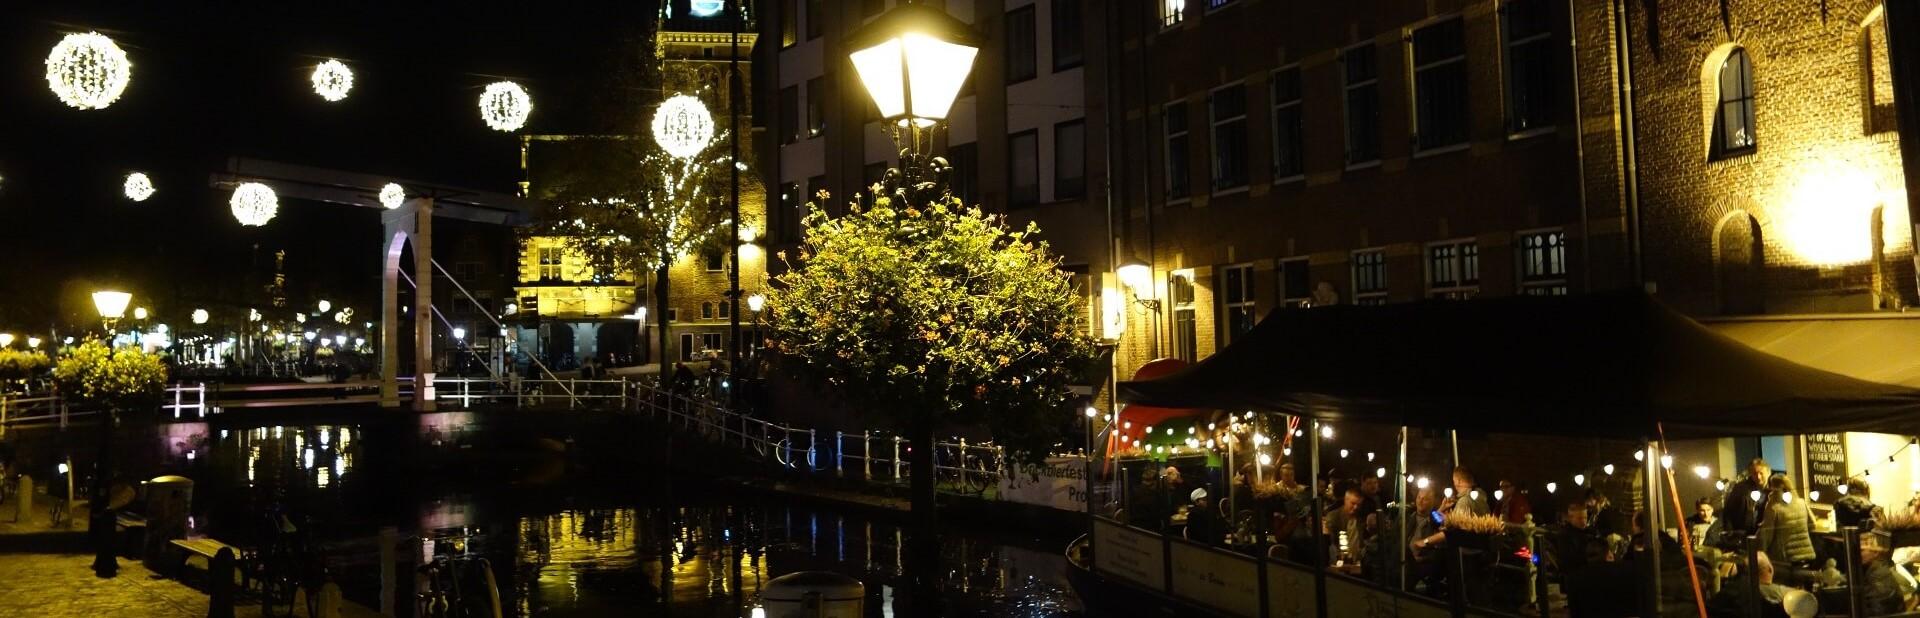 Alkmaar by night 1920 x 618